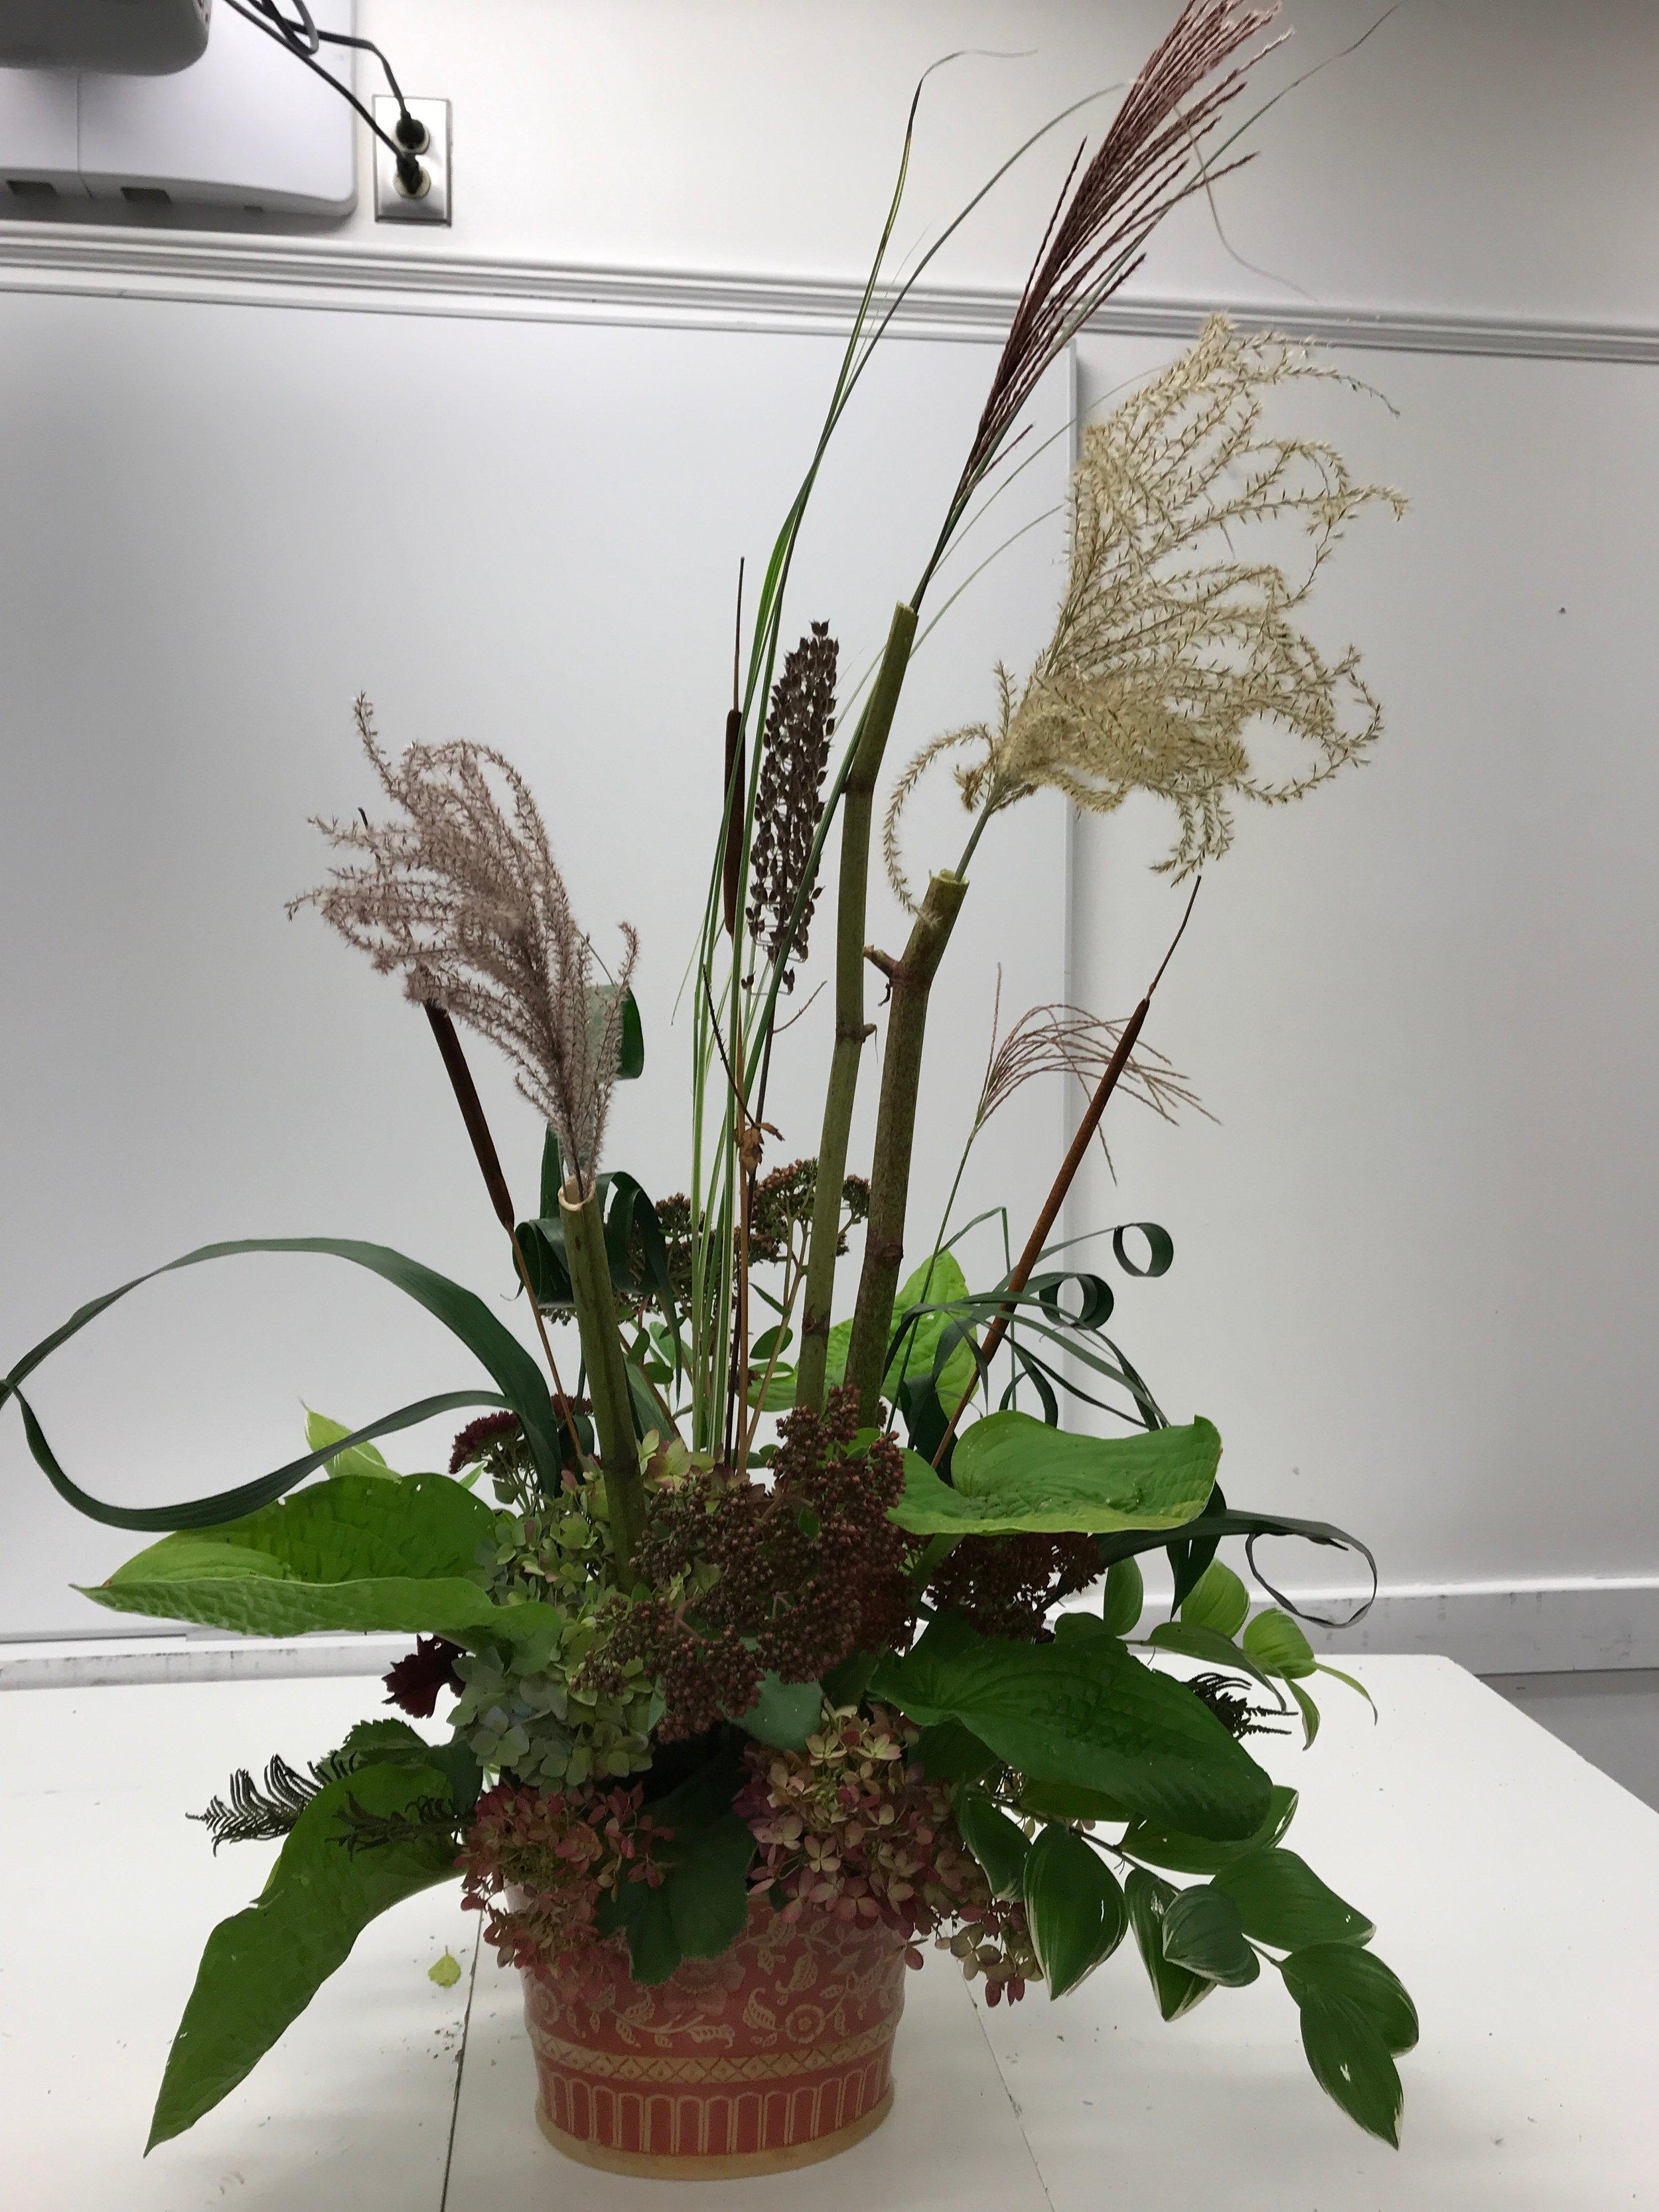 Floral workshop, 10-18-17over,  MA, October 18, 2017 - 1 of 16 (14).jpg